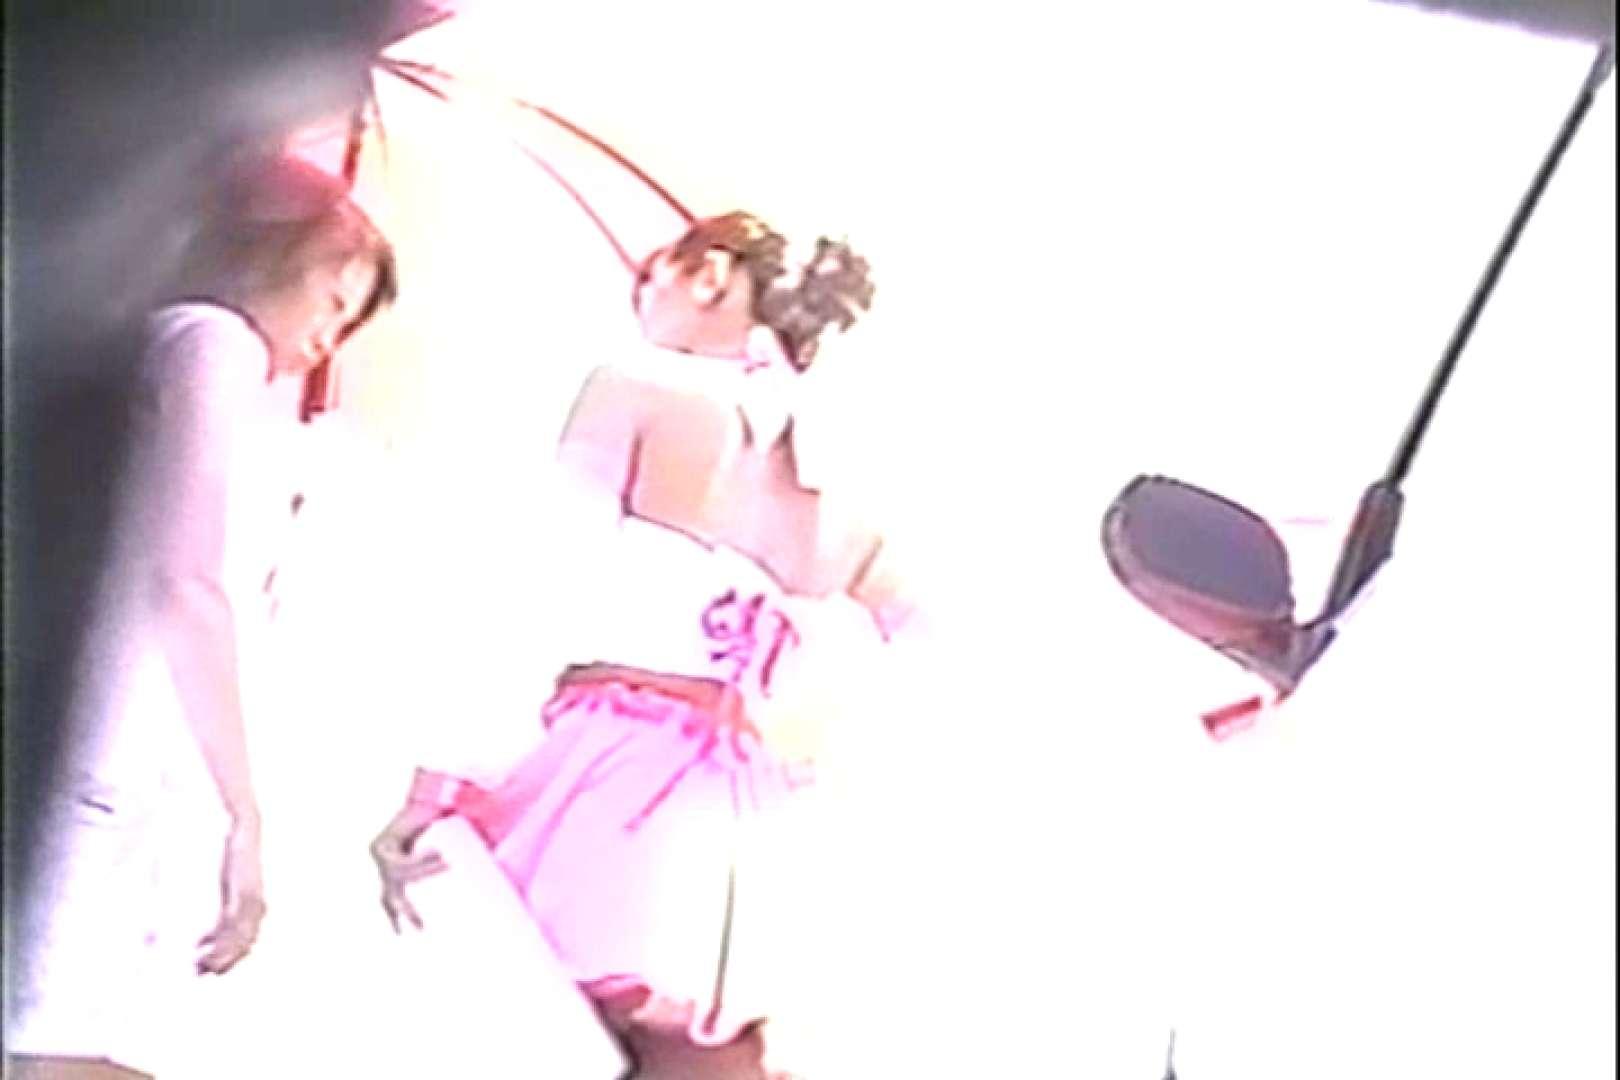 「ちくりん」さんのオリジナル未編集パンチラVol.3_01 美しいOLの裸体 アダルト動画キャプチャ 101pic 8